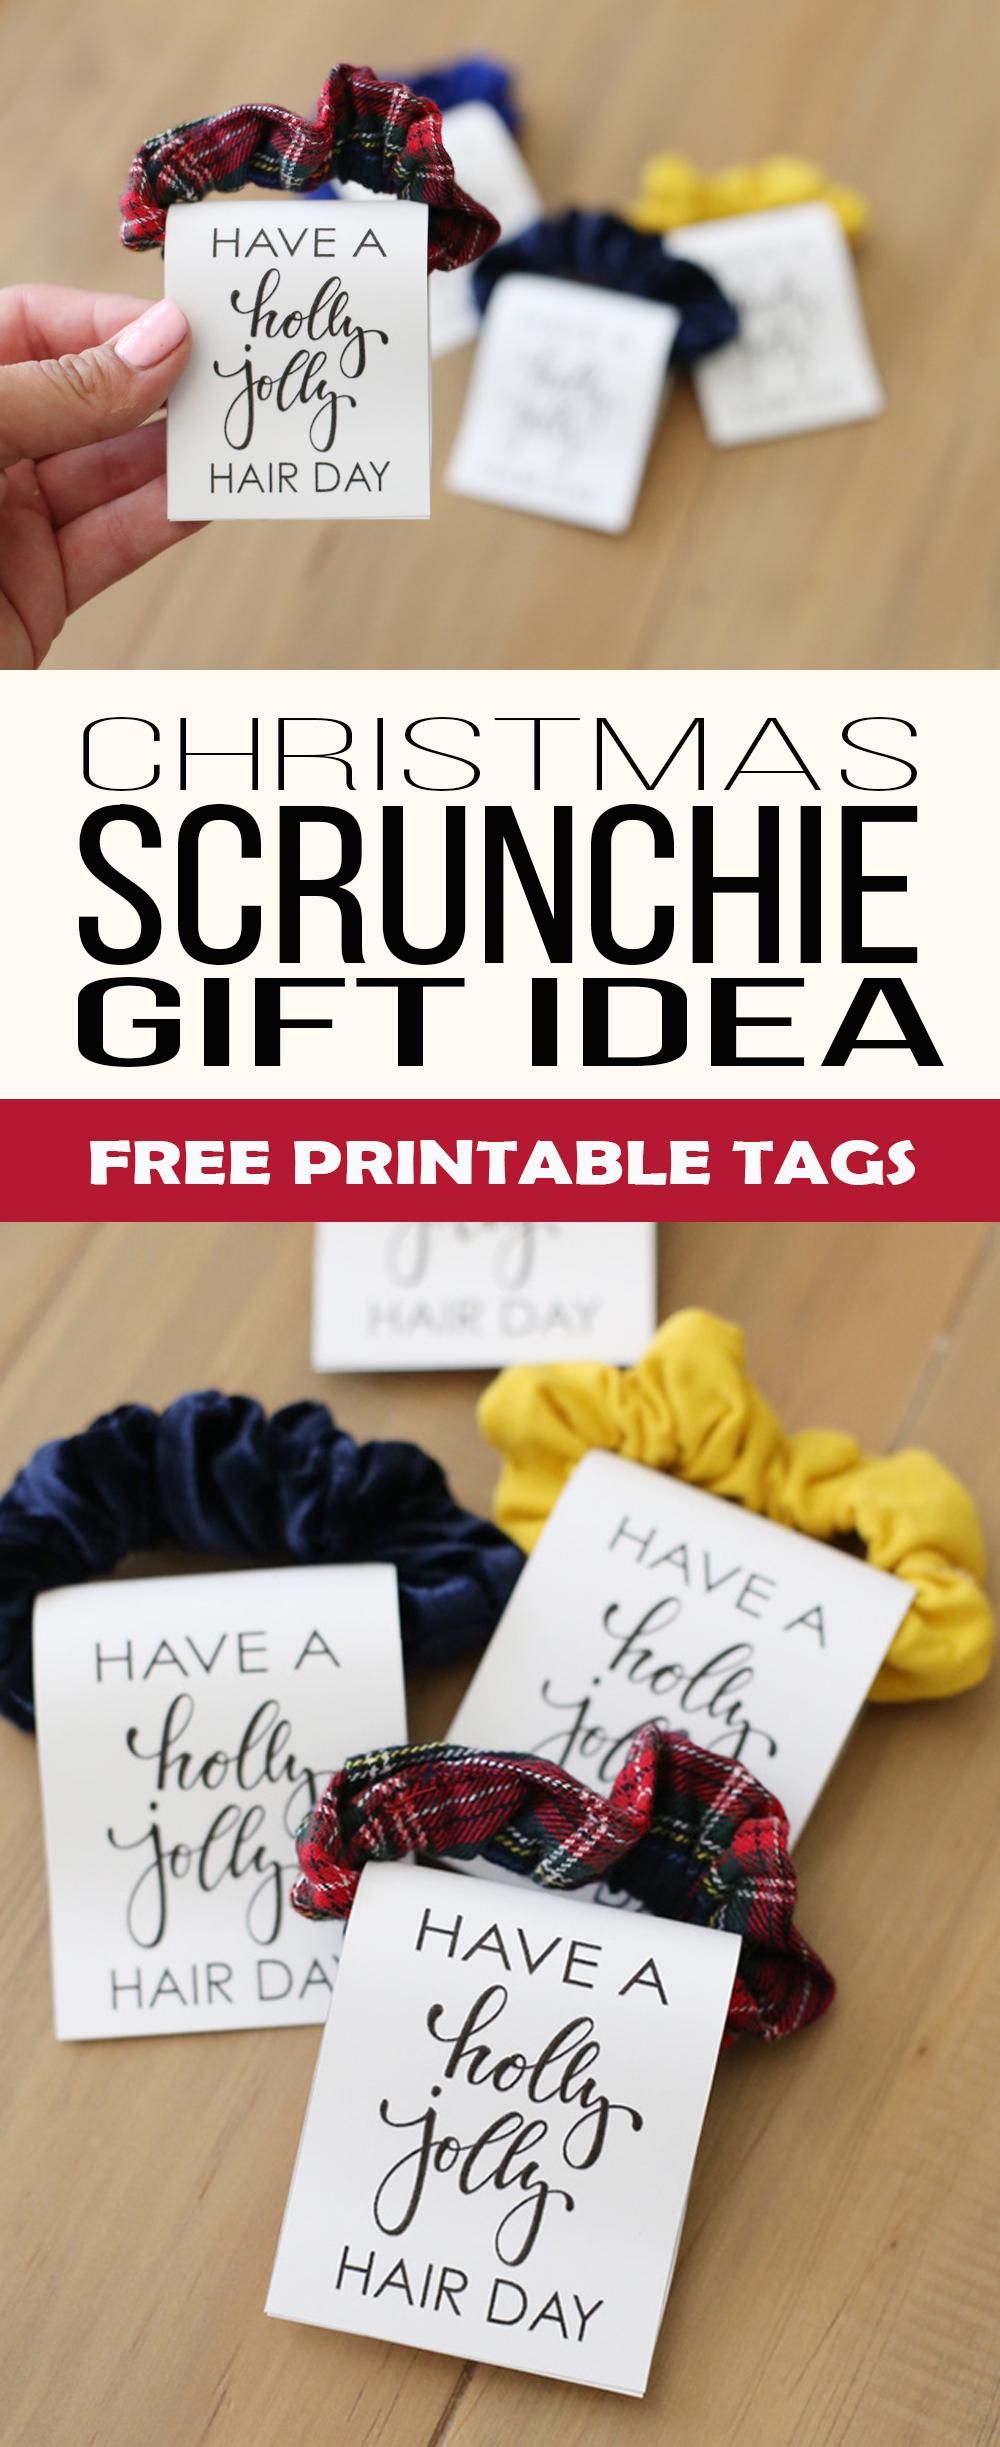 Hair Scrunchie Christmas Gift Idea #hairscrunchie